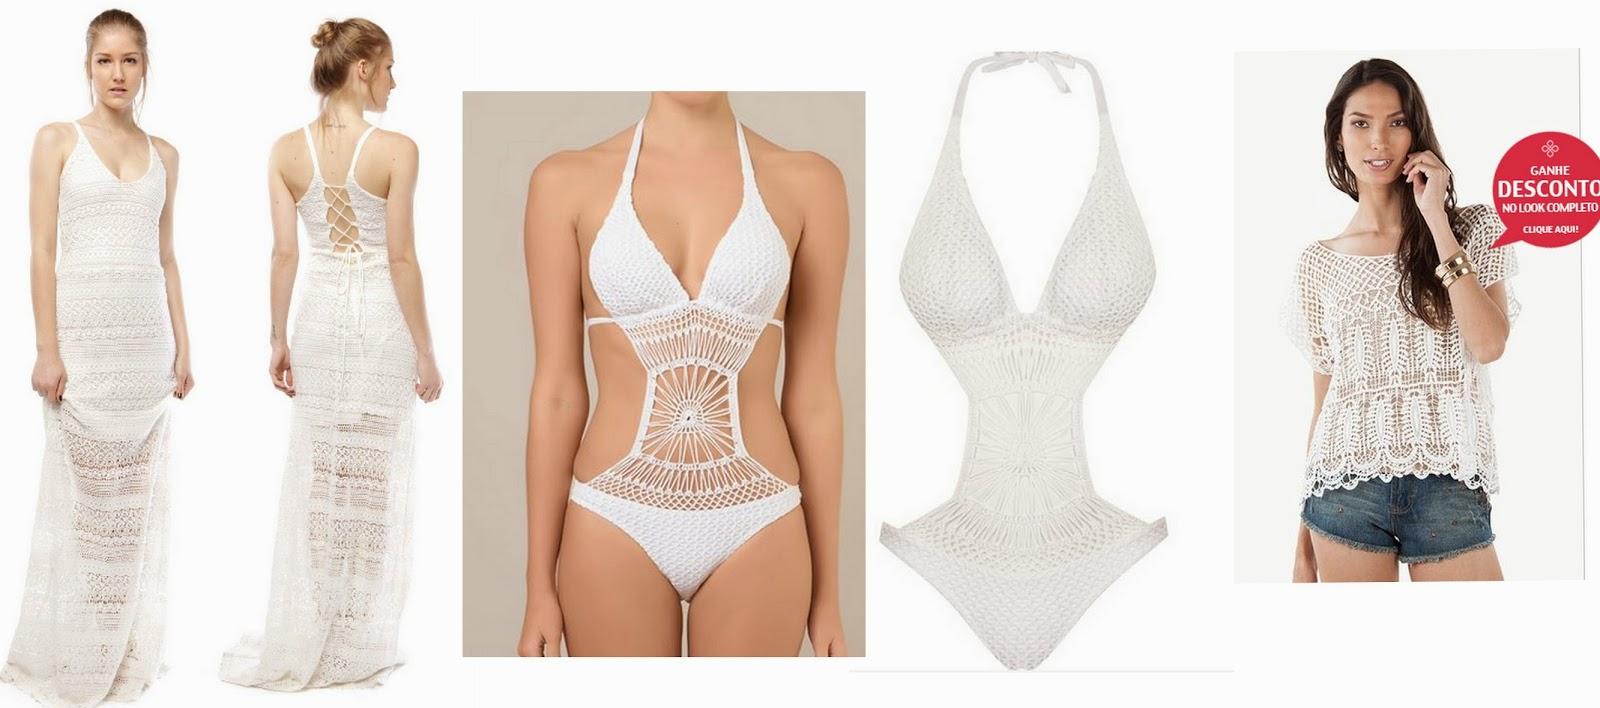 Muito Onde Comprar Roupas de Crochê Online: Tendência Moda Verão 2015  QJ49